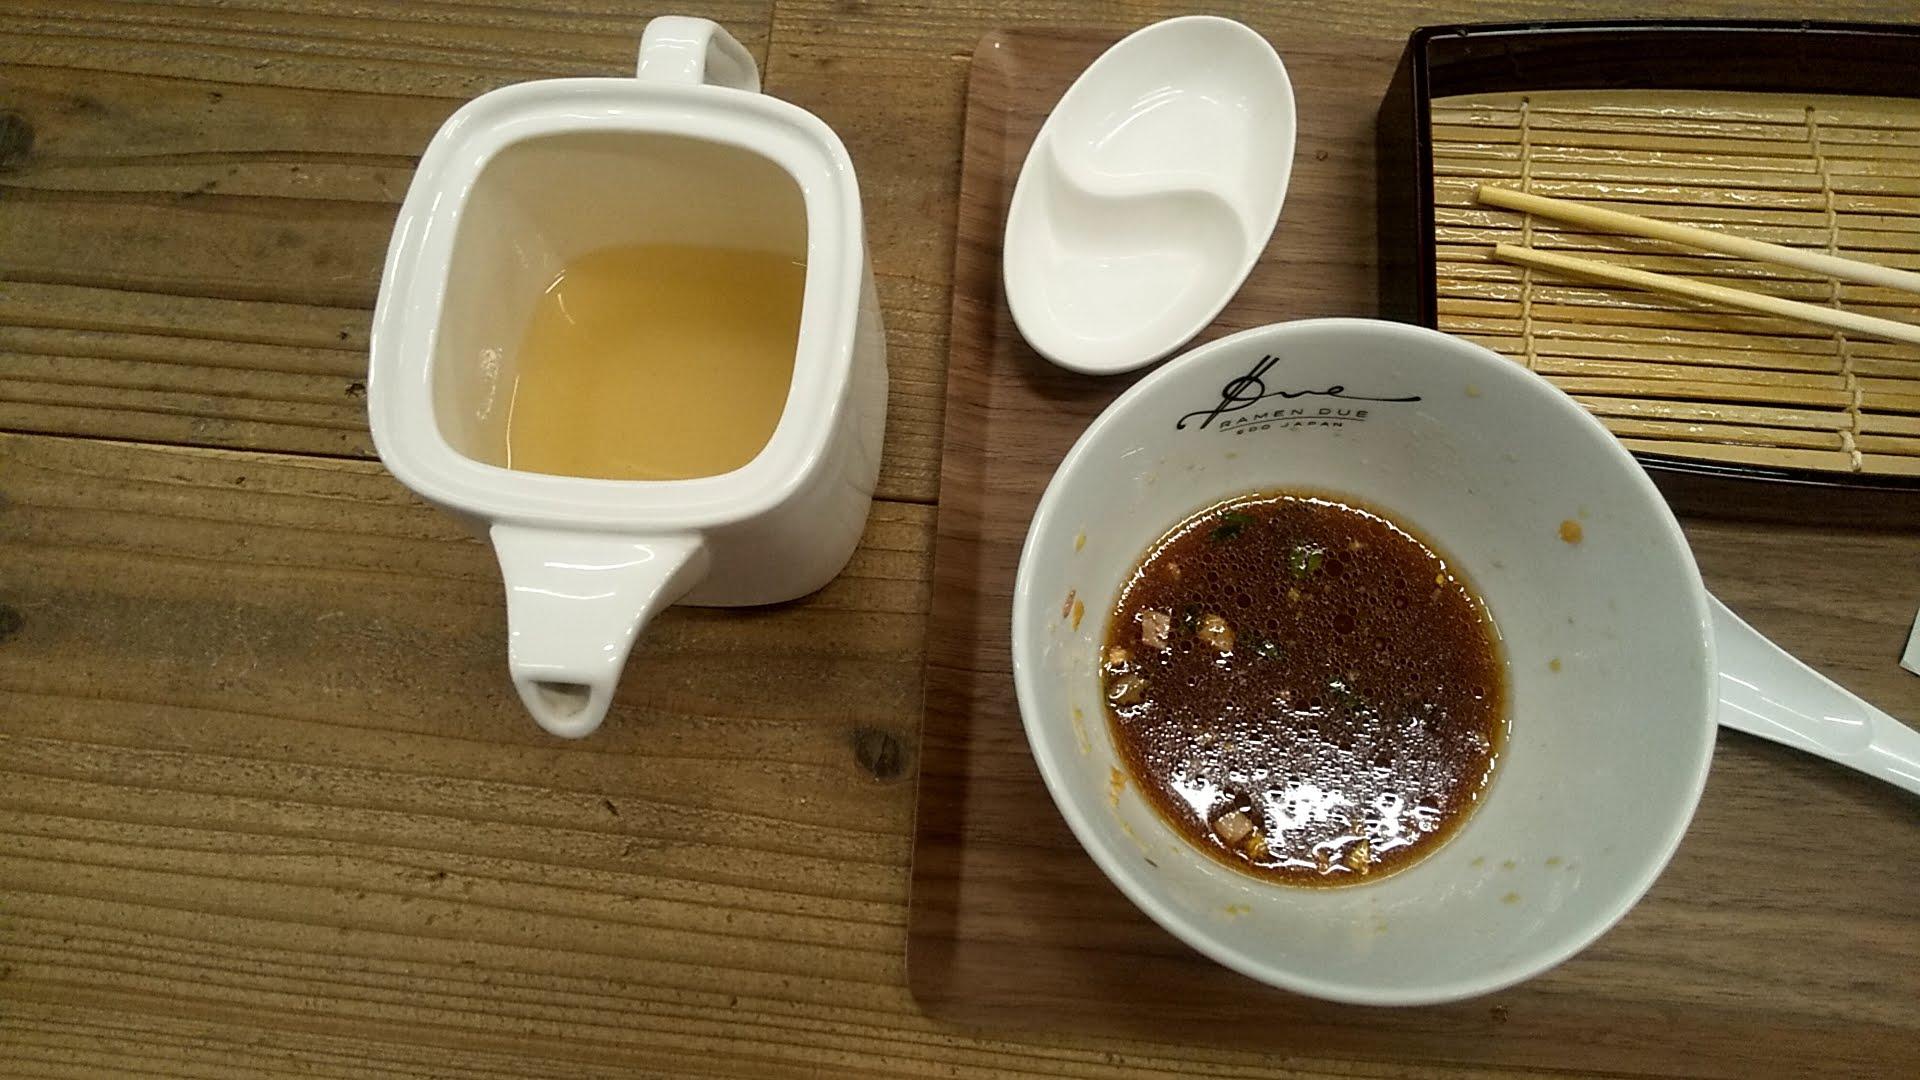 RamenドゥエEdoJapanの果実酢のせいろつけ麺の割りスープ